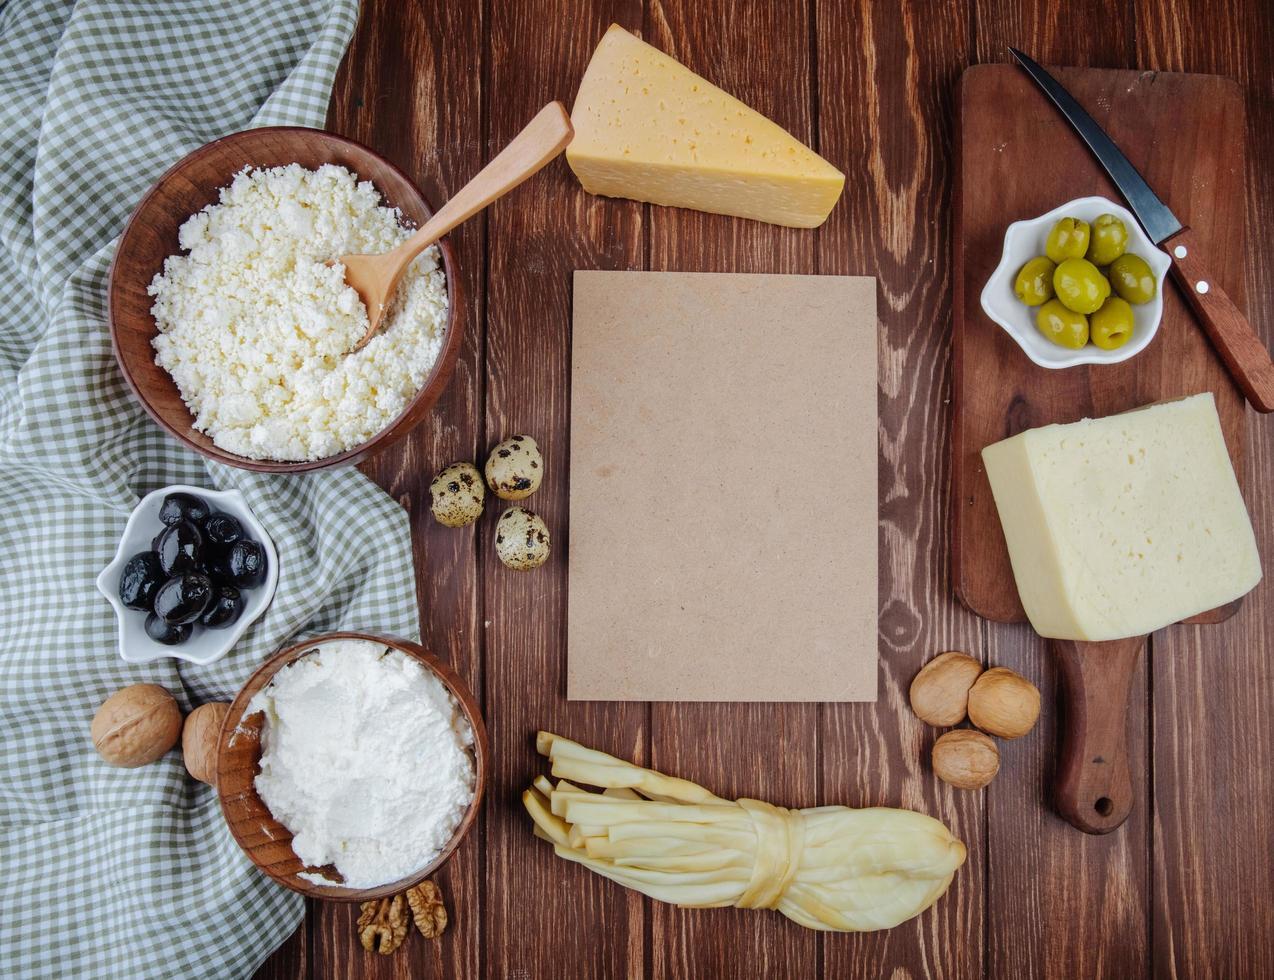 vue de dessus du papier brun avec du fromage et autres apéritifs photo